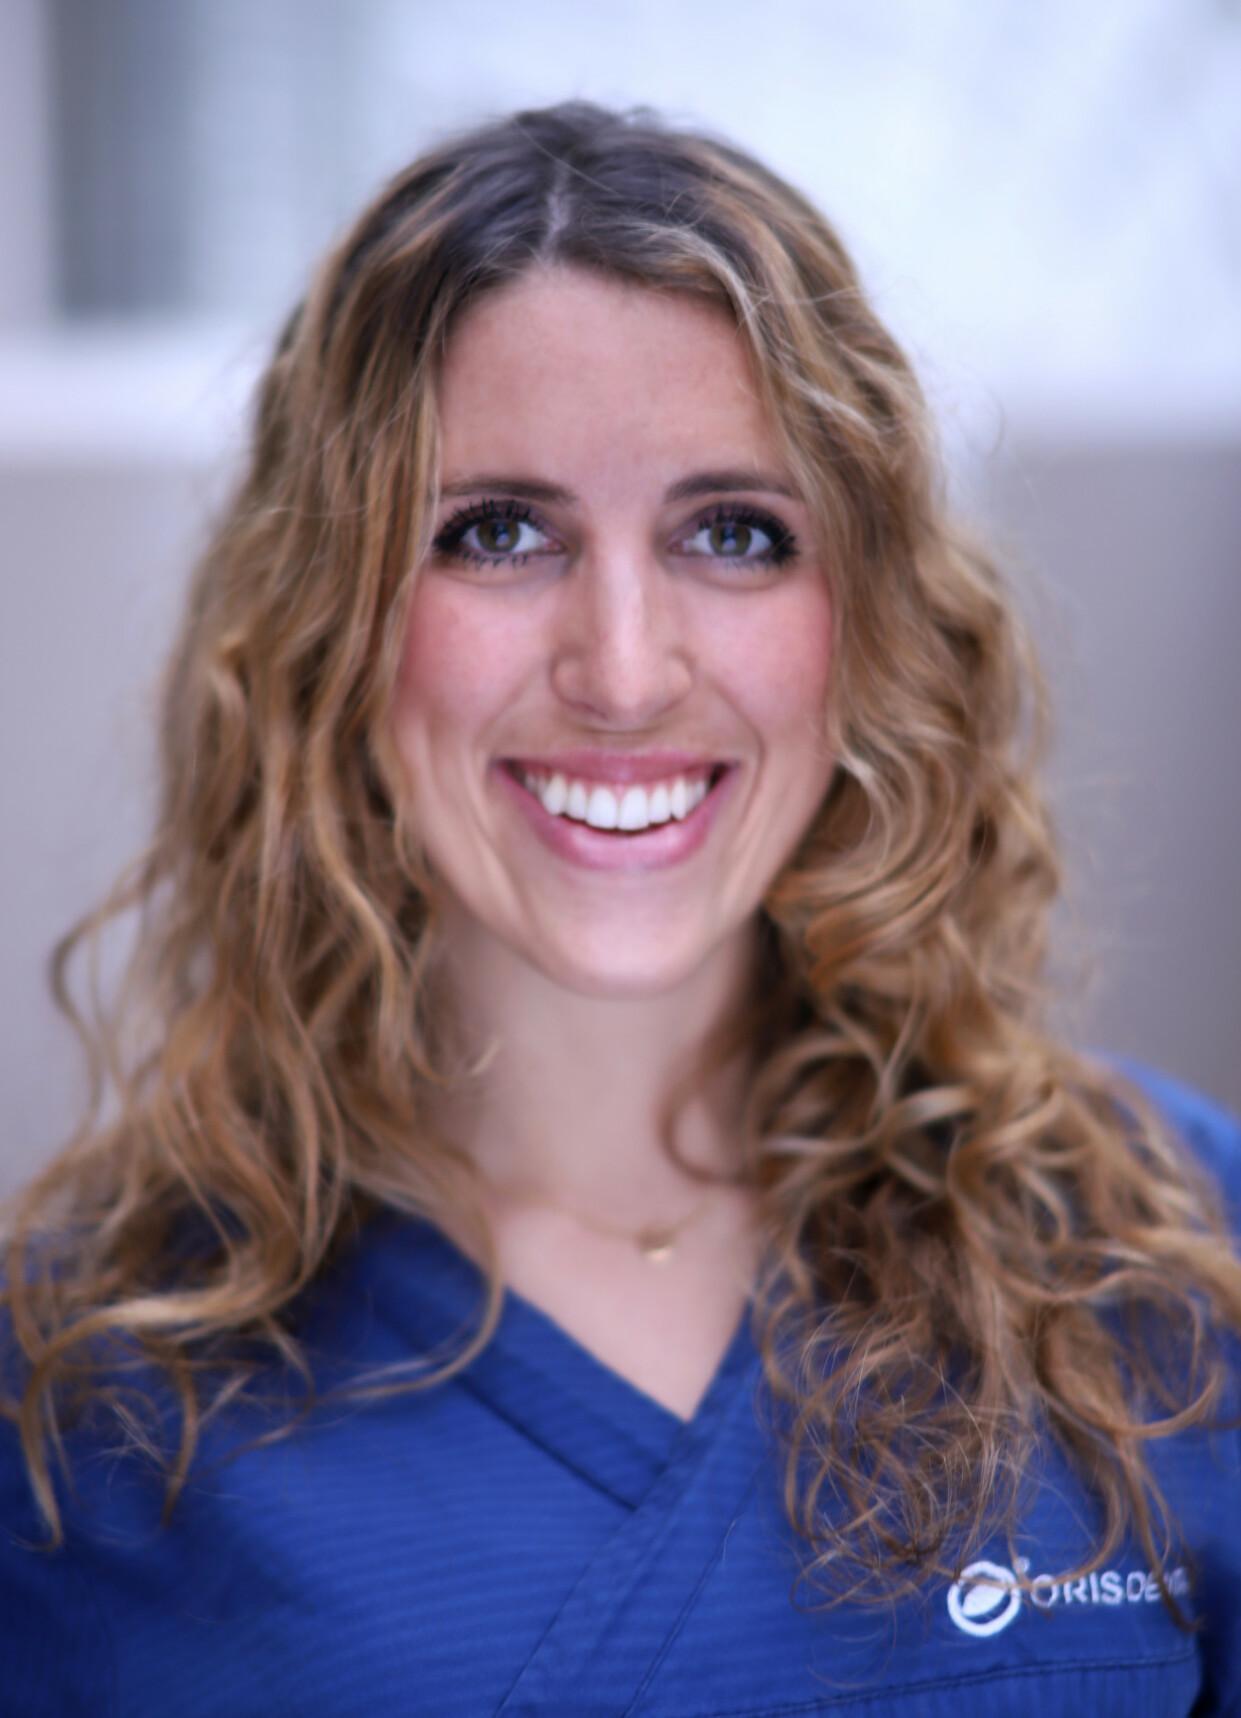 SPESIALIST I PROTETIKK: Josefine Forsberg. Foto: Oris Dental